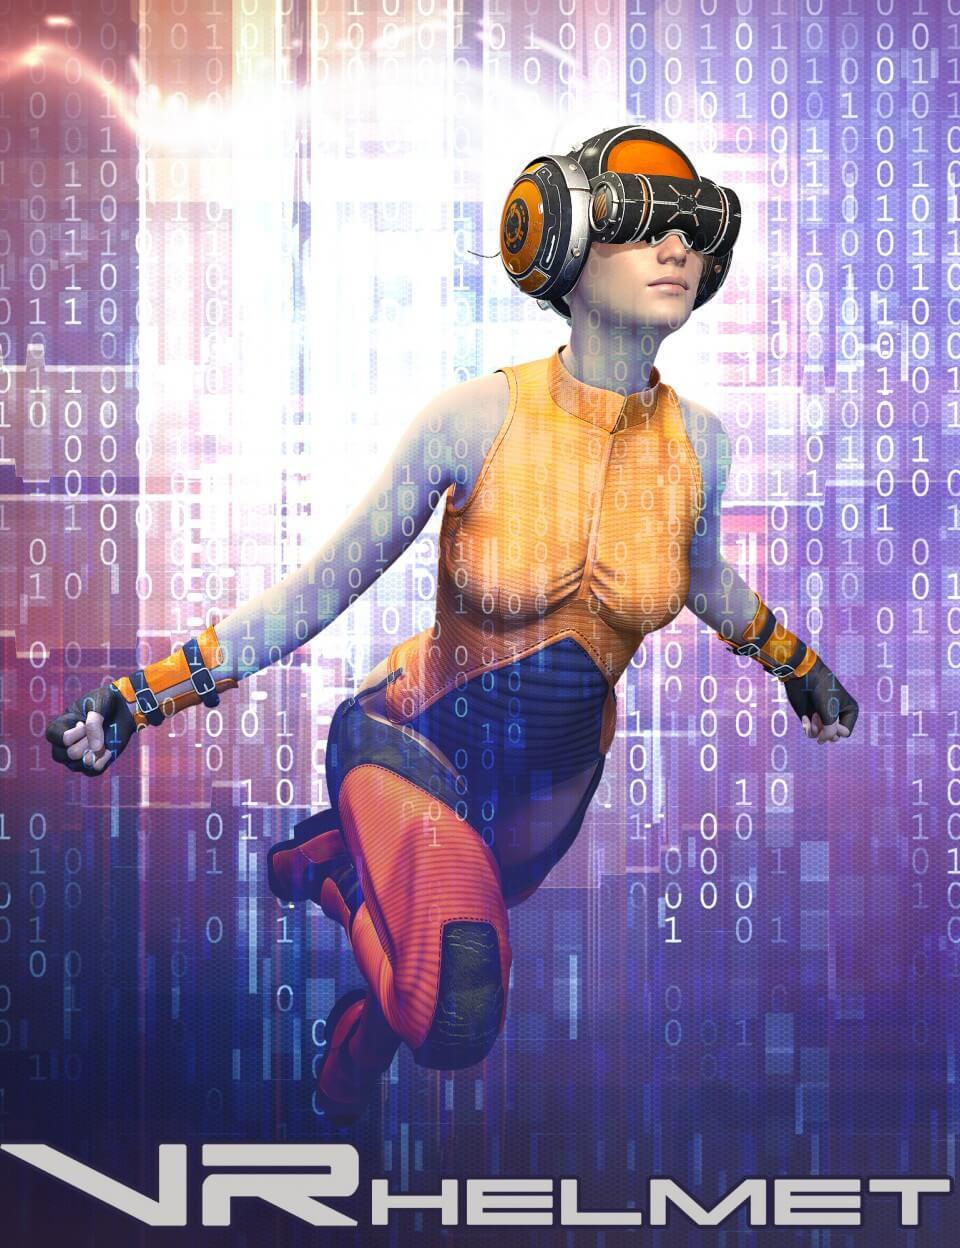 3d-modell vr helm 3d-model virtual reality helmet